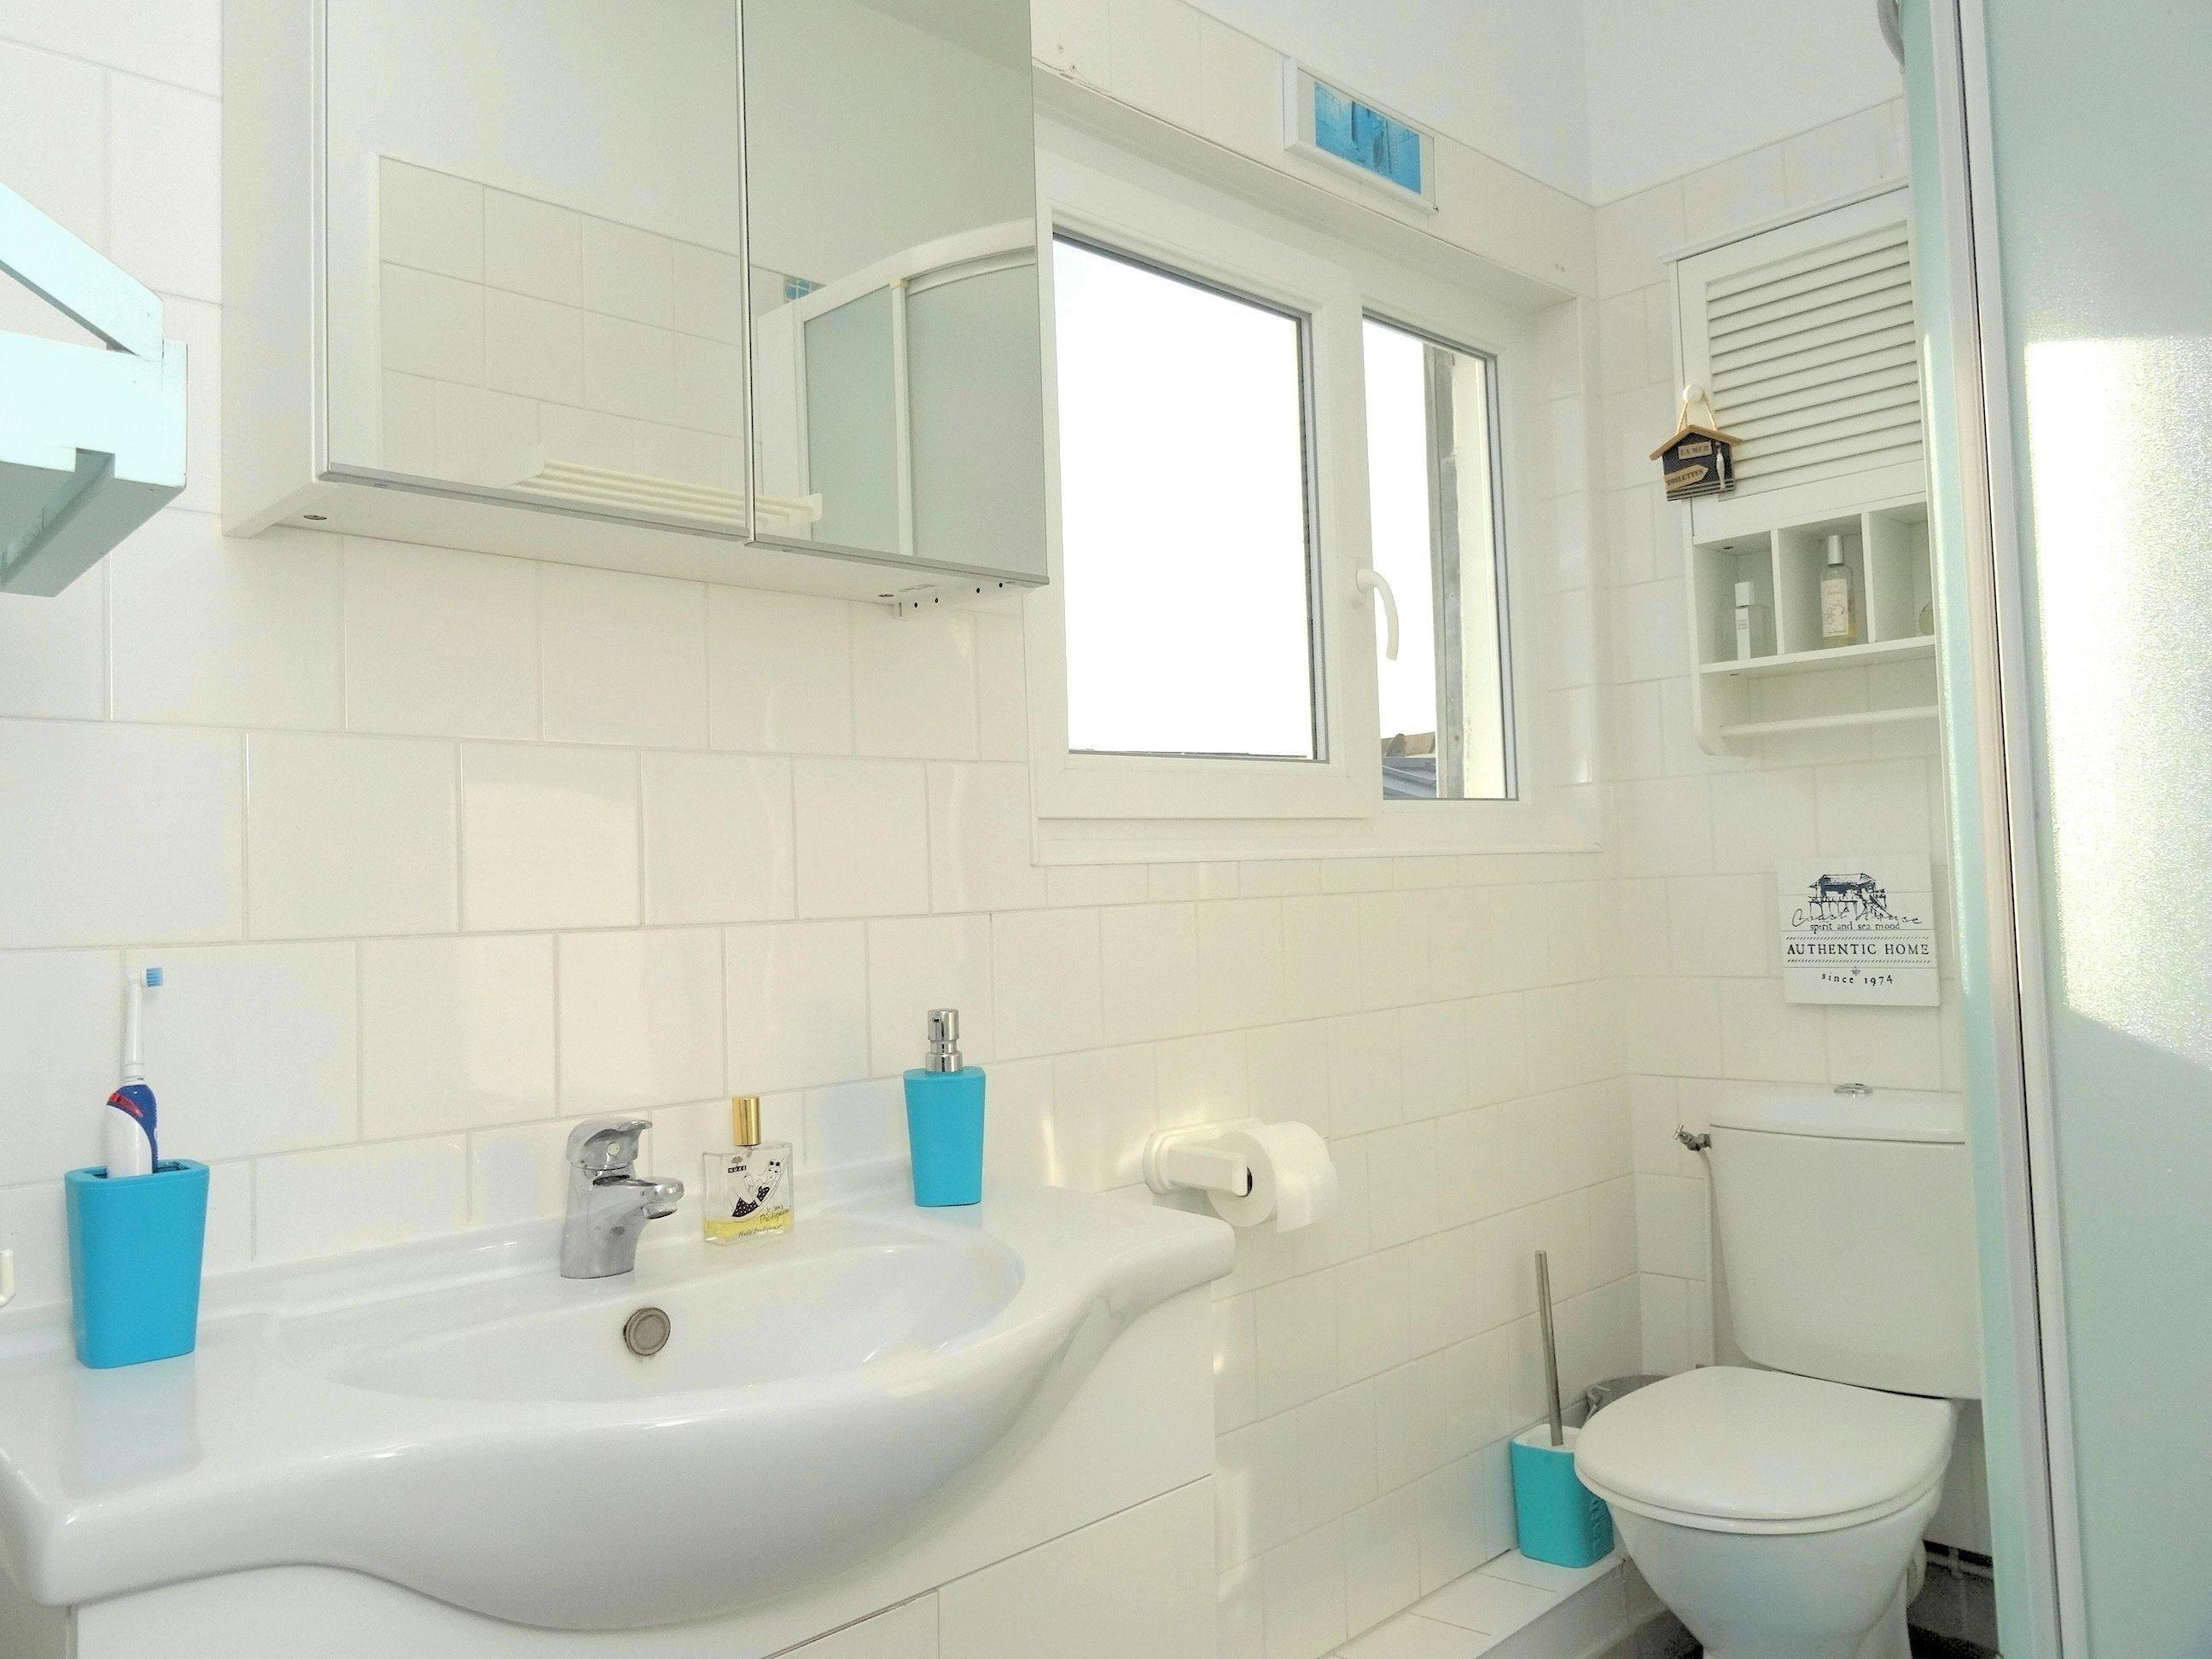 14-salle-de-bain-appartement-a-vendre-la-clef-des-villes-agence-immobiliere-villers-sur-mer